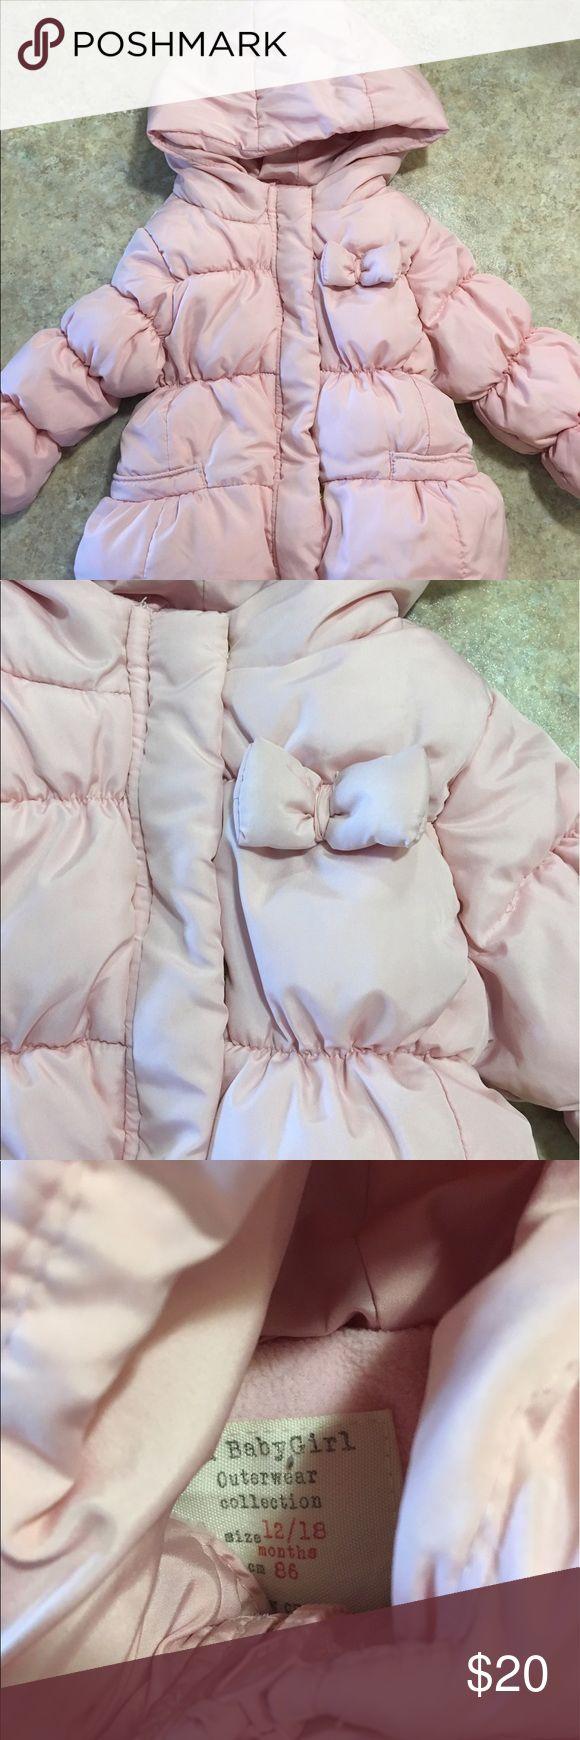 Zara winter puffer with hood Light pink pretty puffer jacket.  EUC. Zara Jackets & Coats Puffers